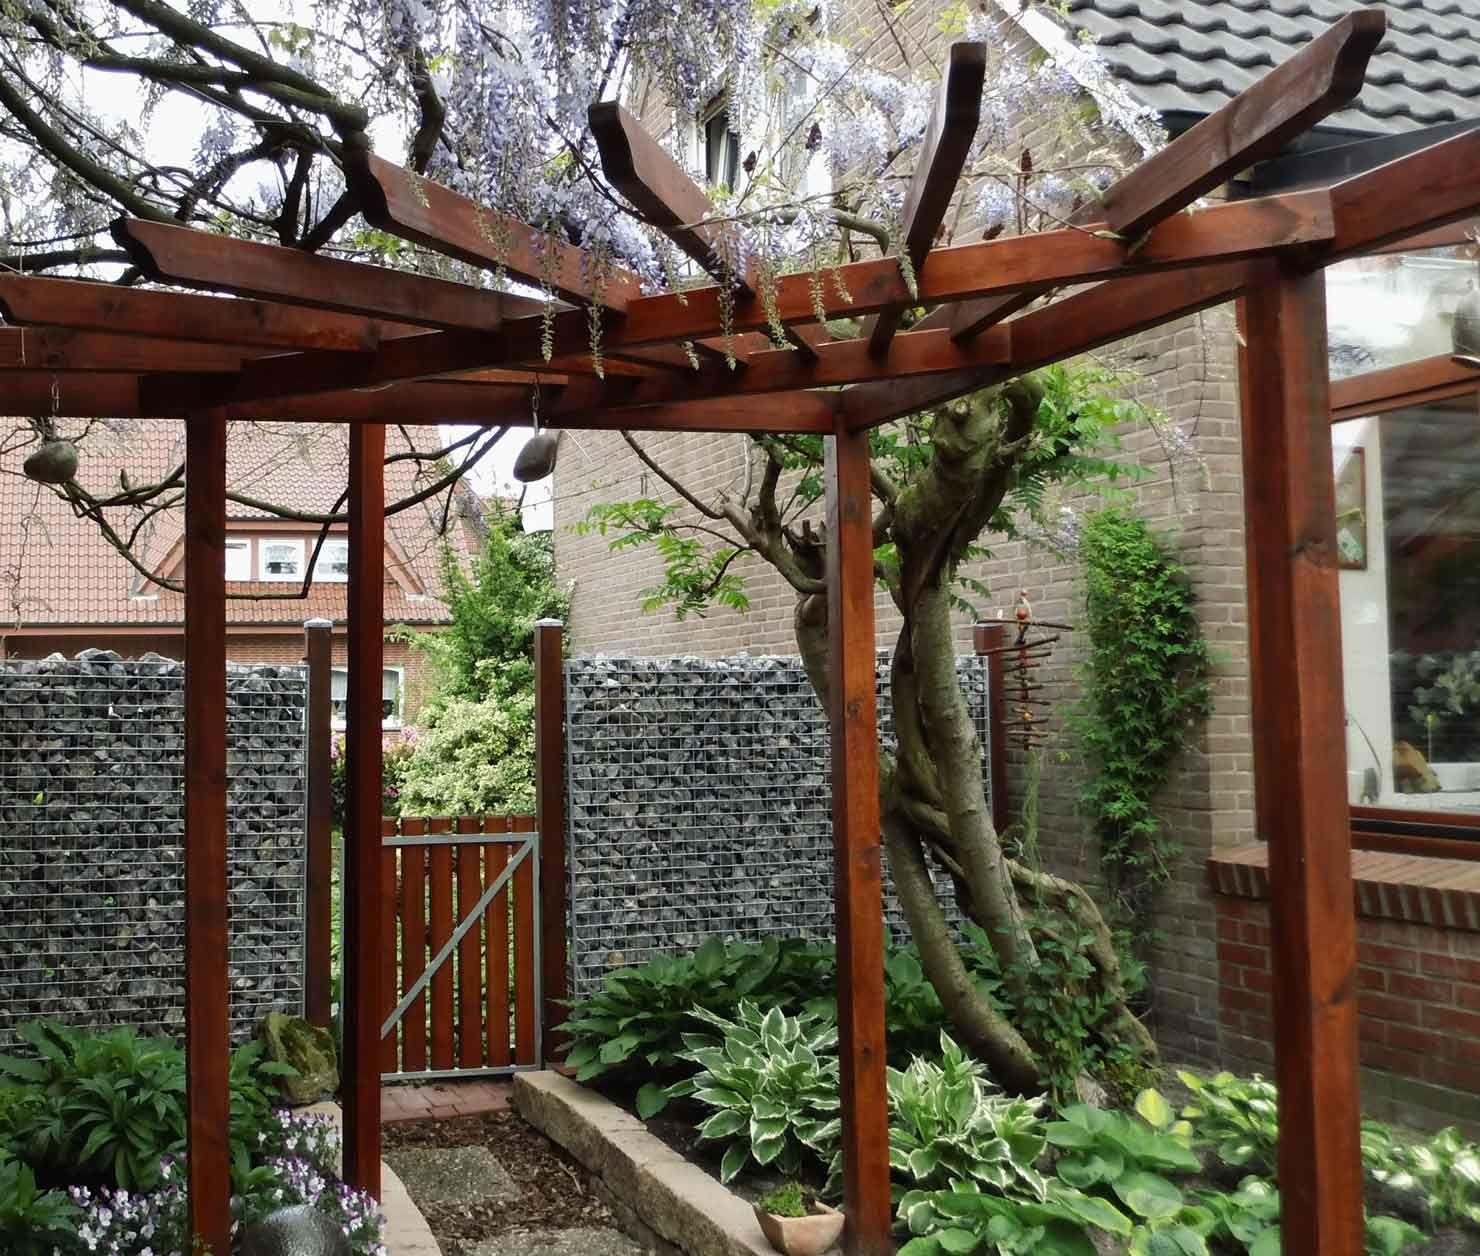 Holz Pergola Garten Moderne Beispiele: Mehrstufige Holzterrasse